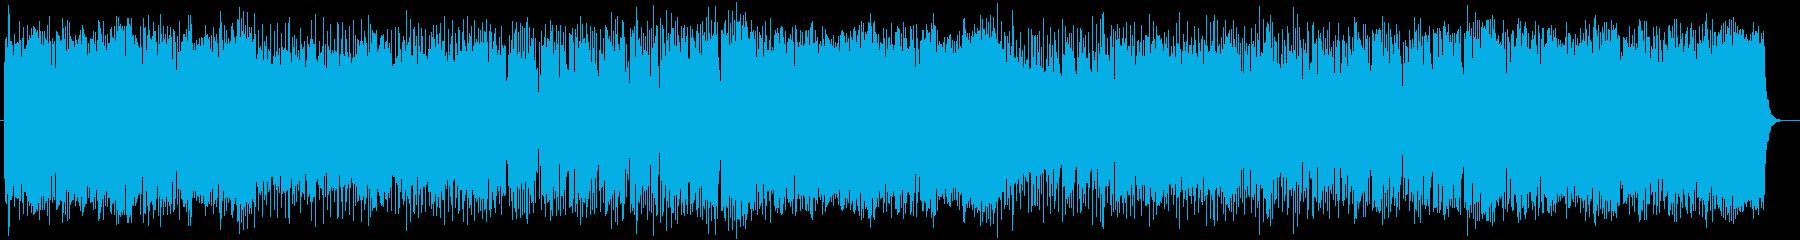 パワフルで活気のあるミュージックの再生済みの波形